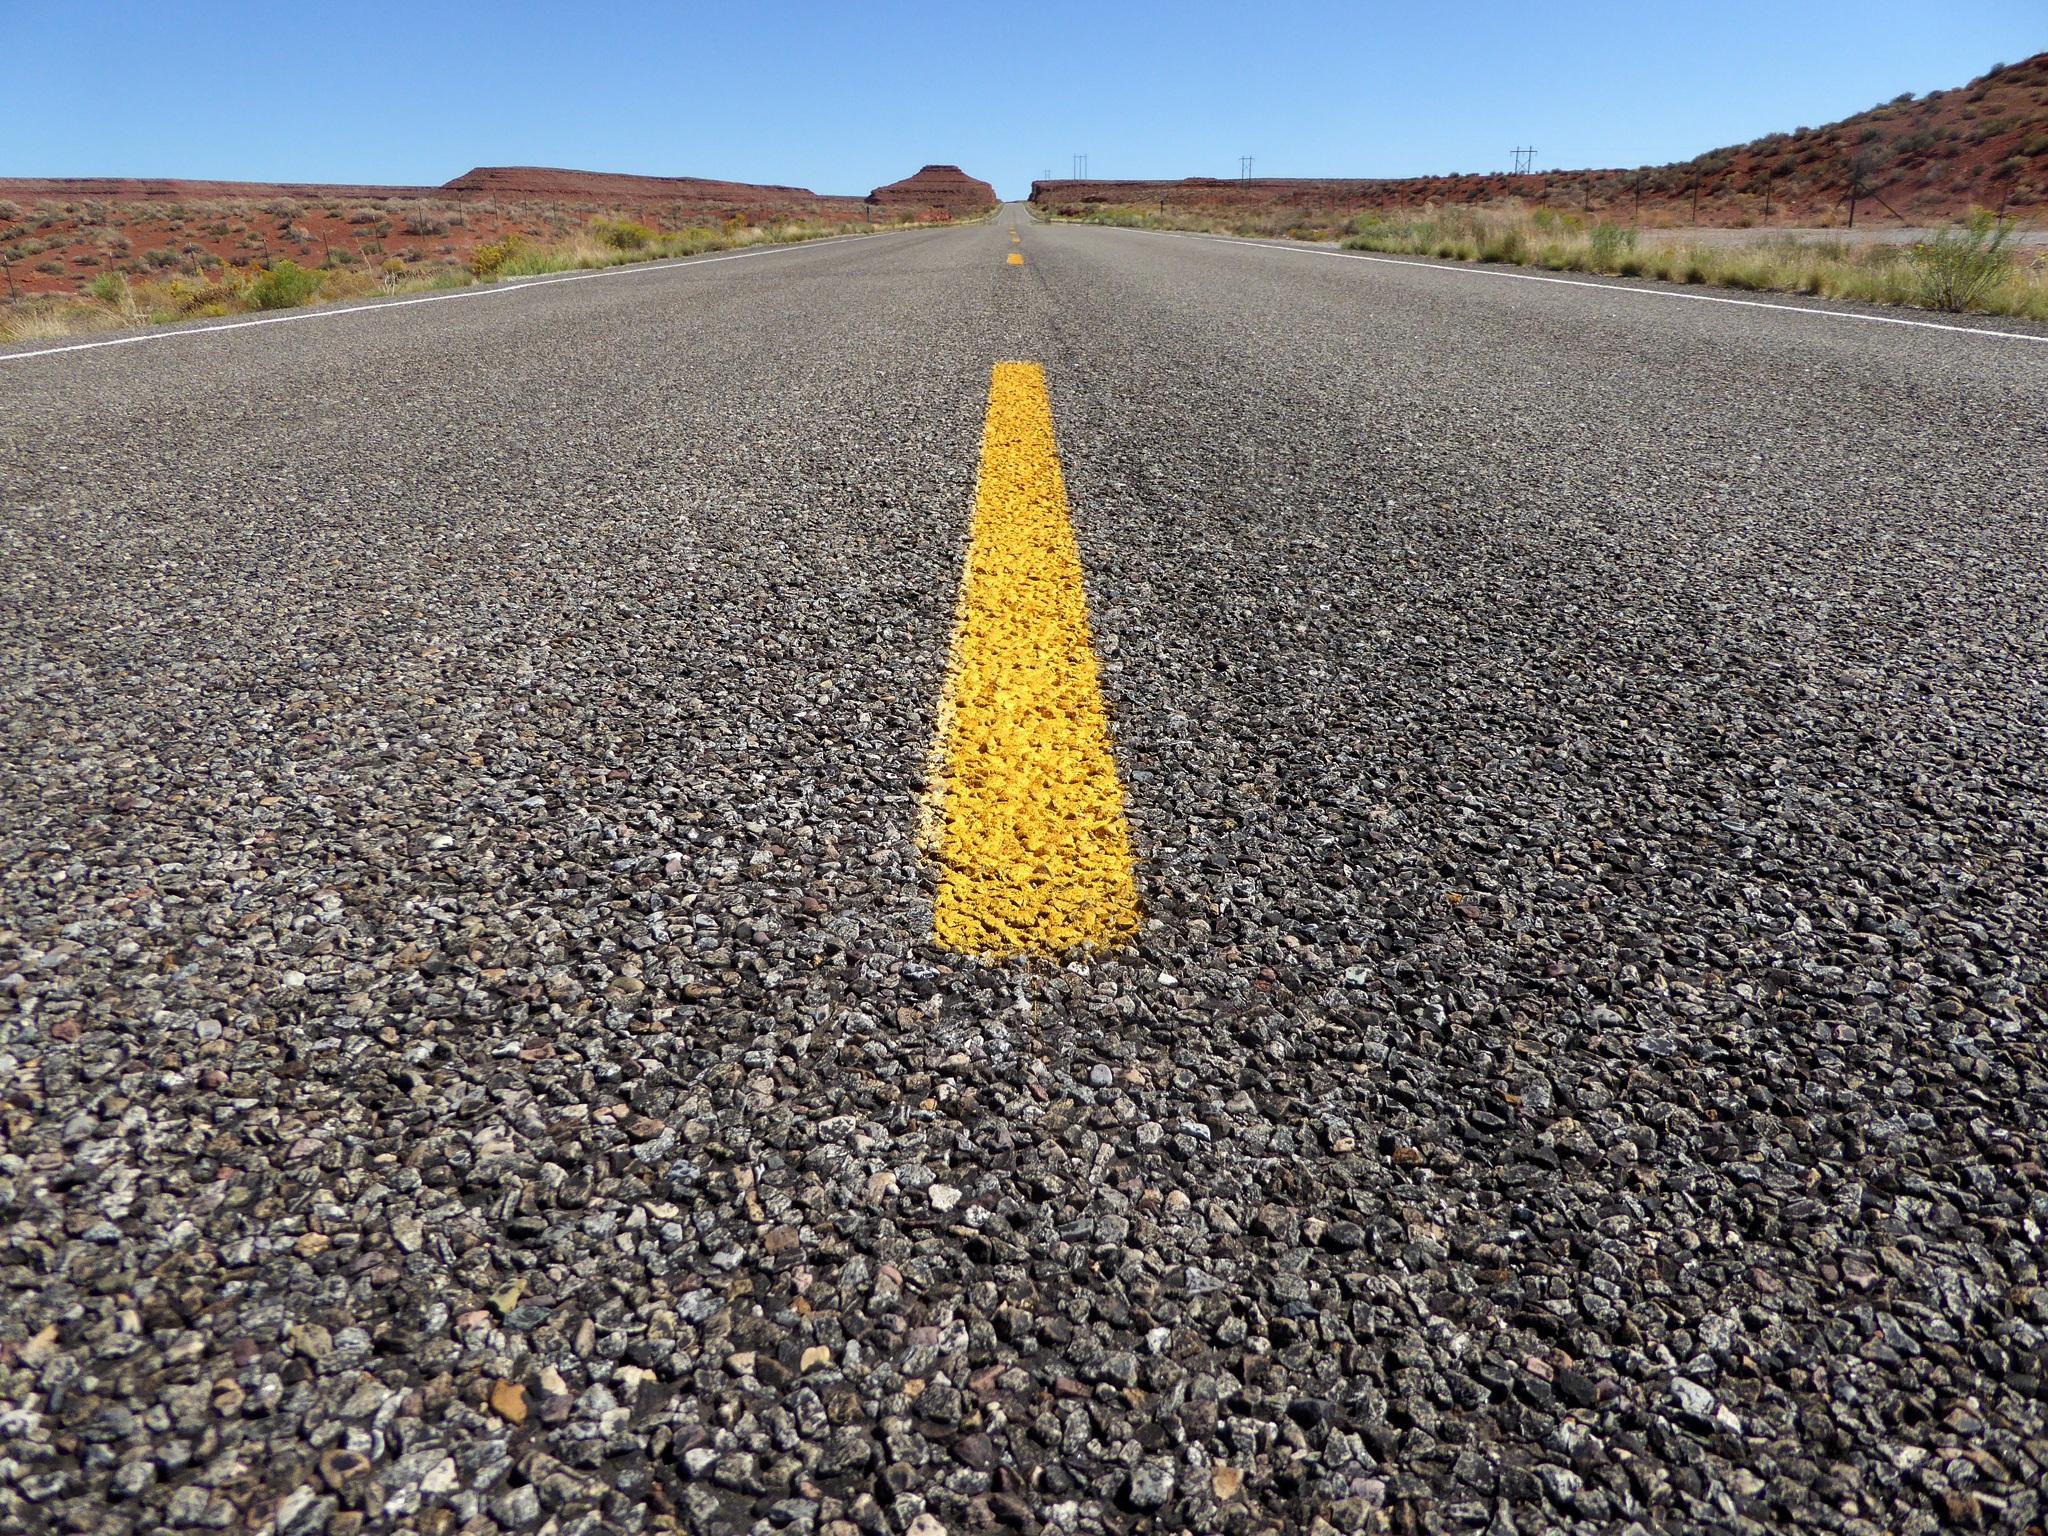 sand horizon road field desert highway stone